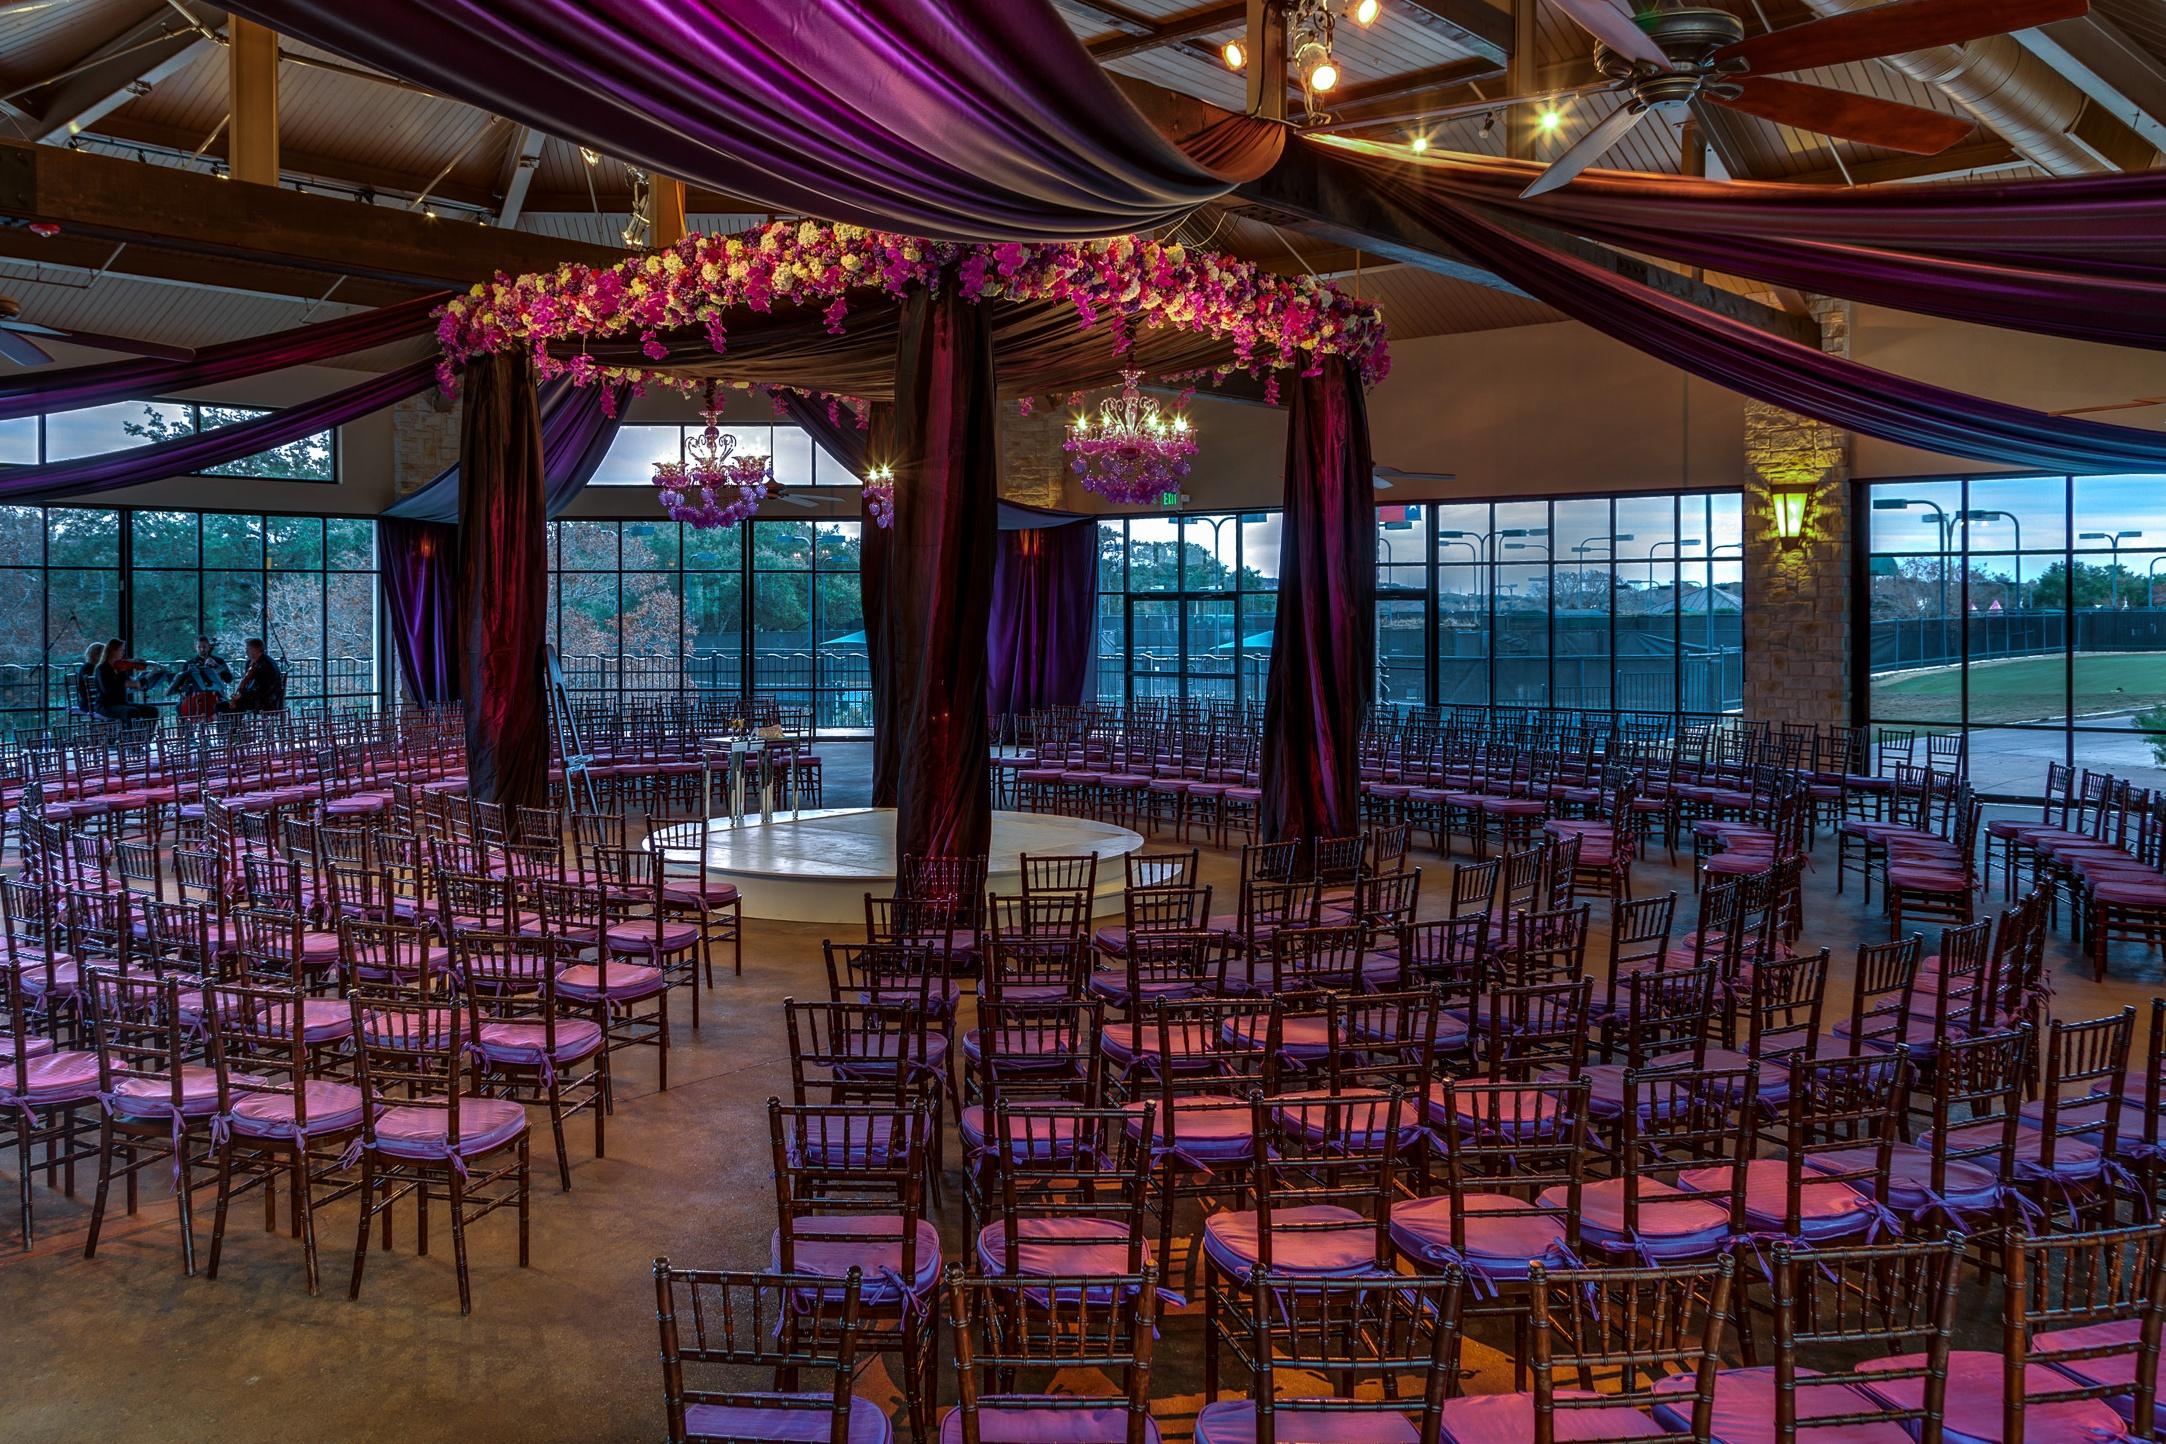 the color purple  | view 7 photos